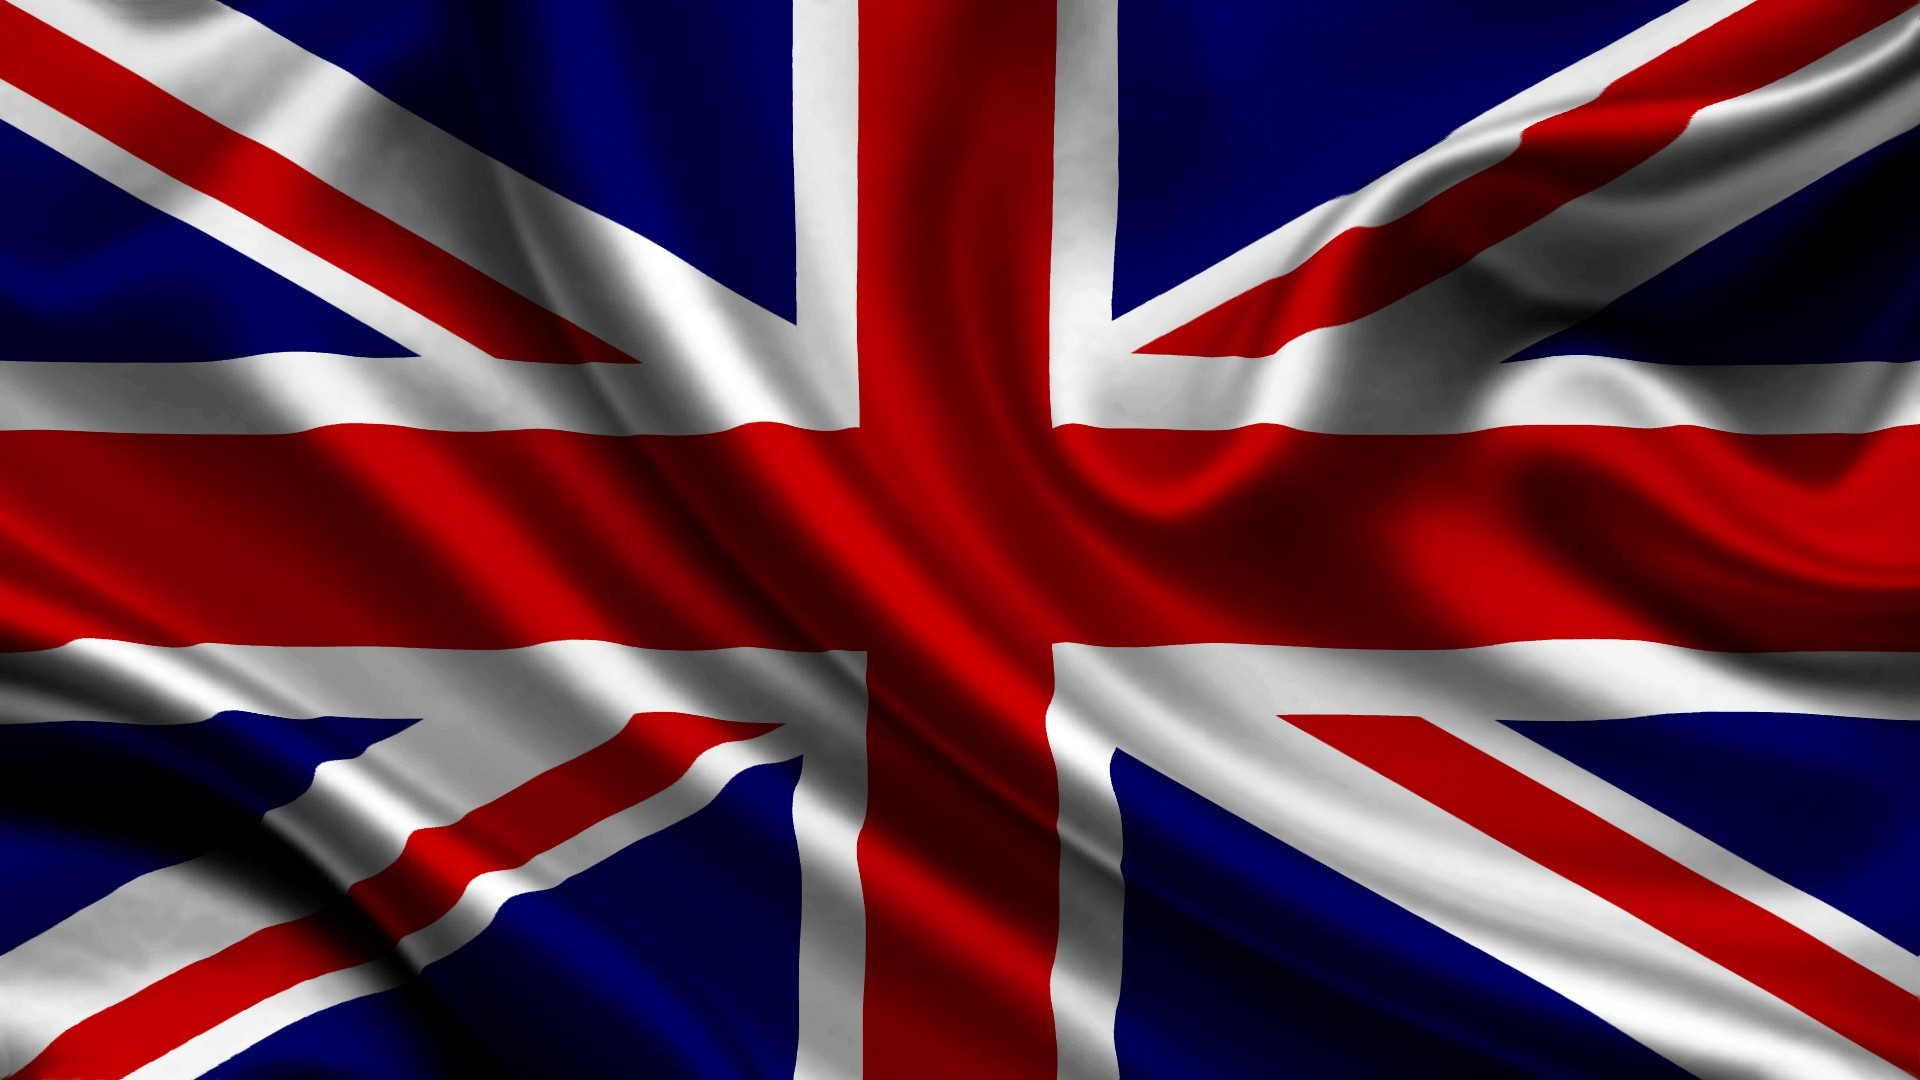 UK Flag Wallpaper 1